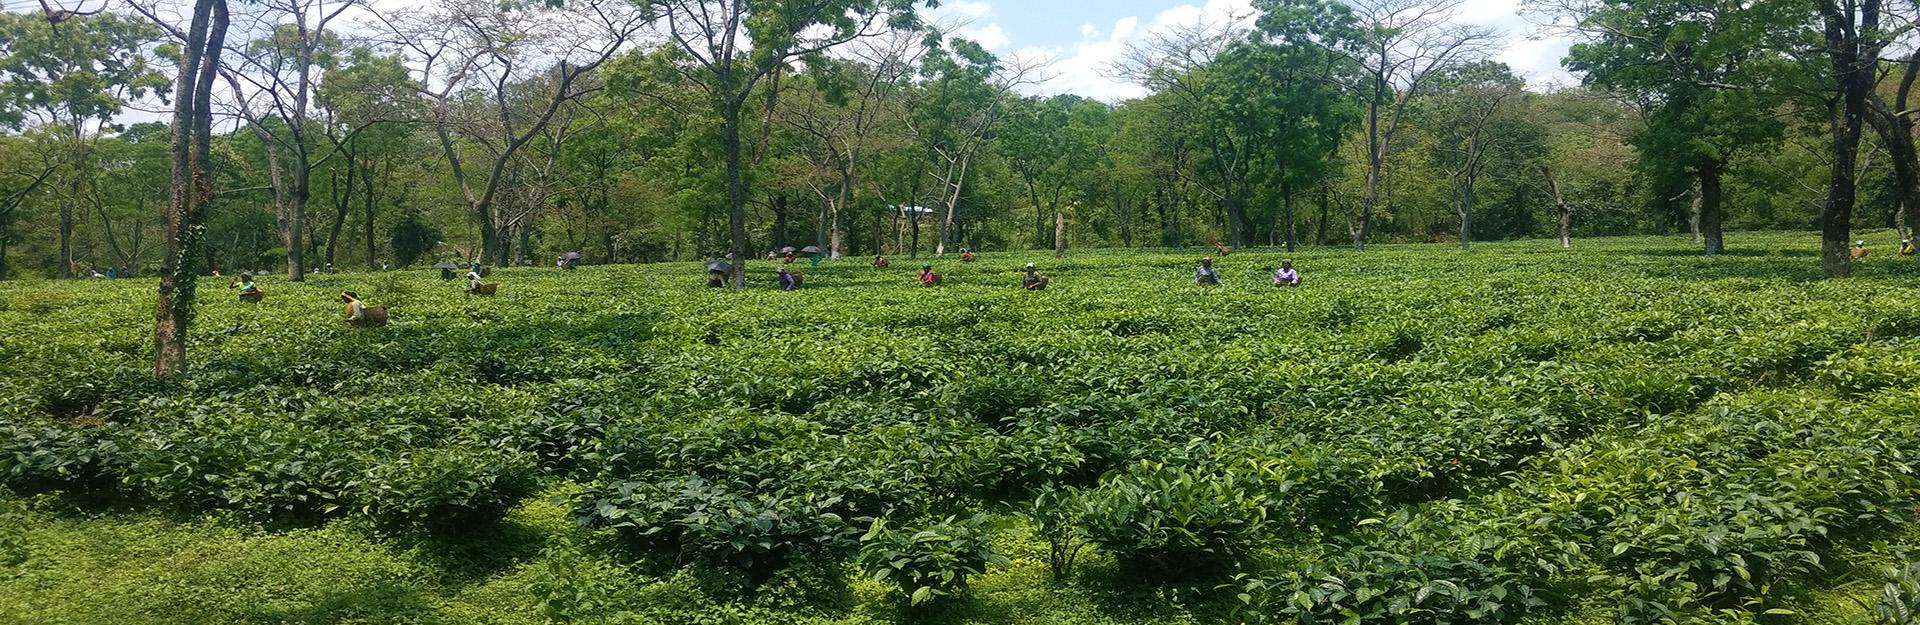 Tripura Tea Development Corporation to Set Up own Tea Auction Centres